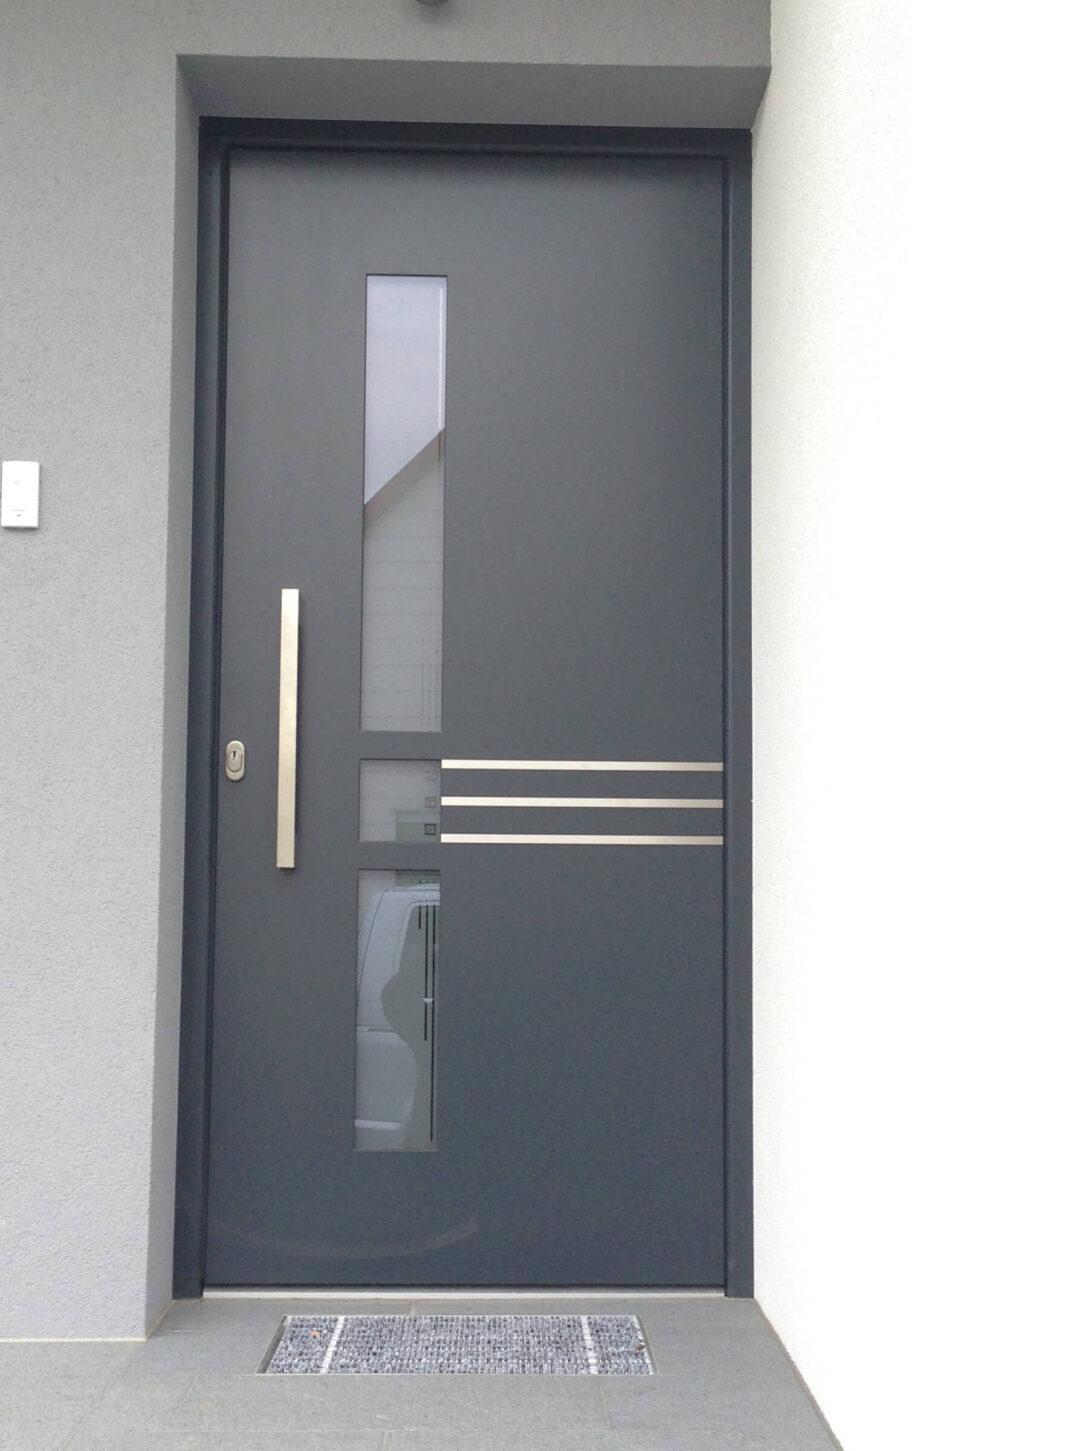 Large Size of Velux Scharnier Dreh Kipp Fenster Wintergarten Kunststoff Mit In Wei Veka Preise Einbauen Ersatzteile Kaufen Rollo Wohnzimmer Velux Scharnier